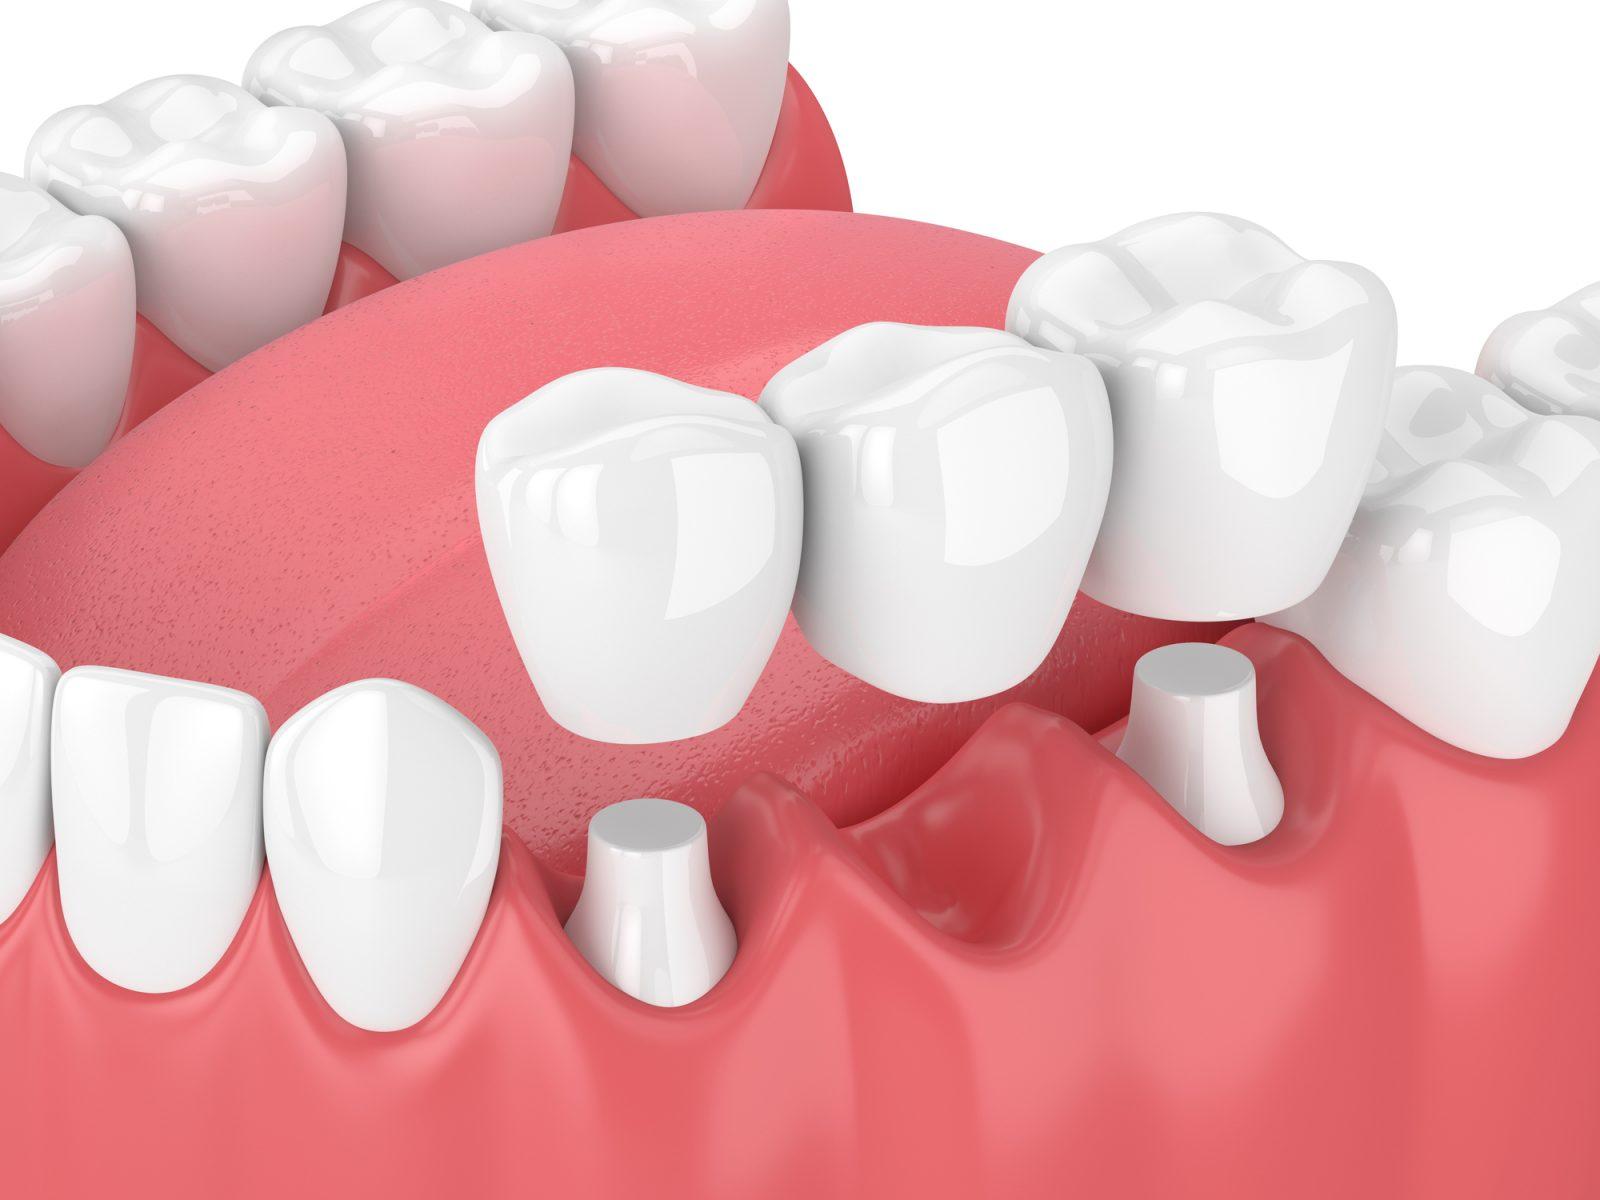 Implant dentaire : quelles sont les matières utilisées pour ces prothèses ?